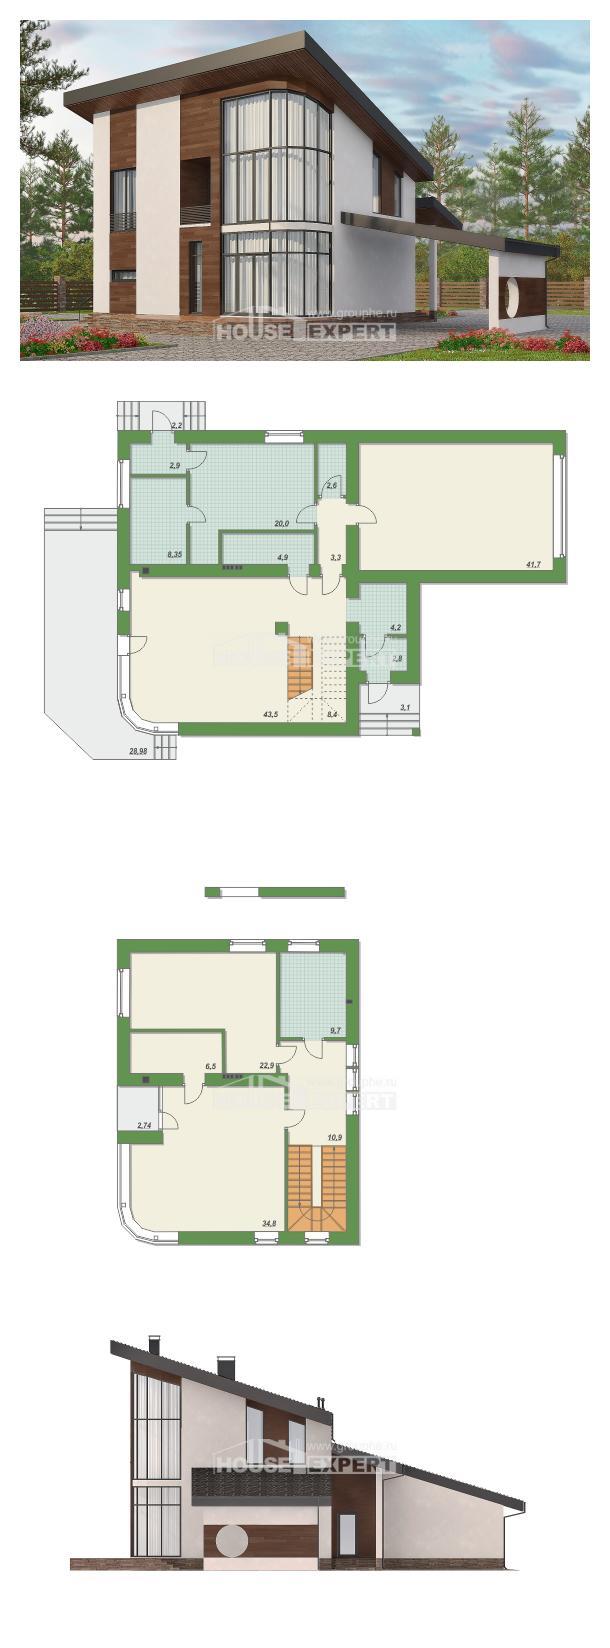 Plan 230-001-R | House Expert